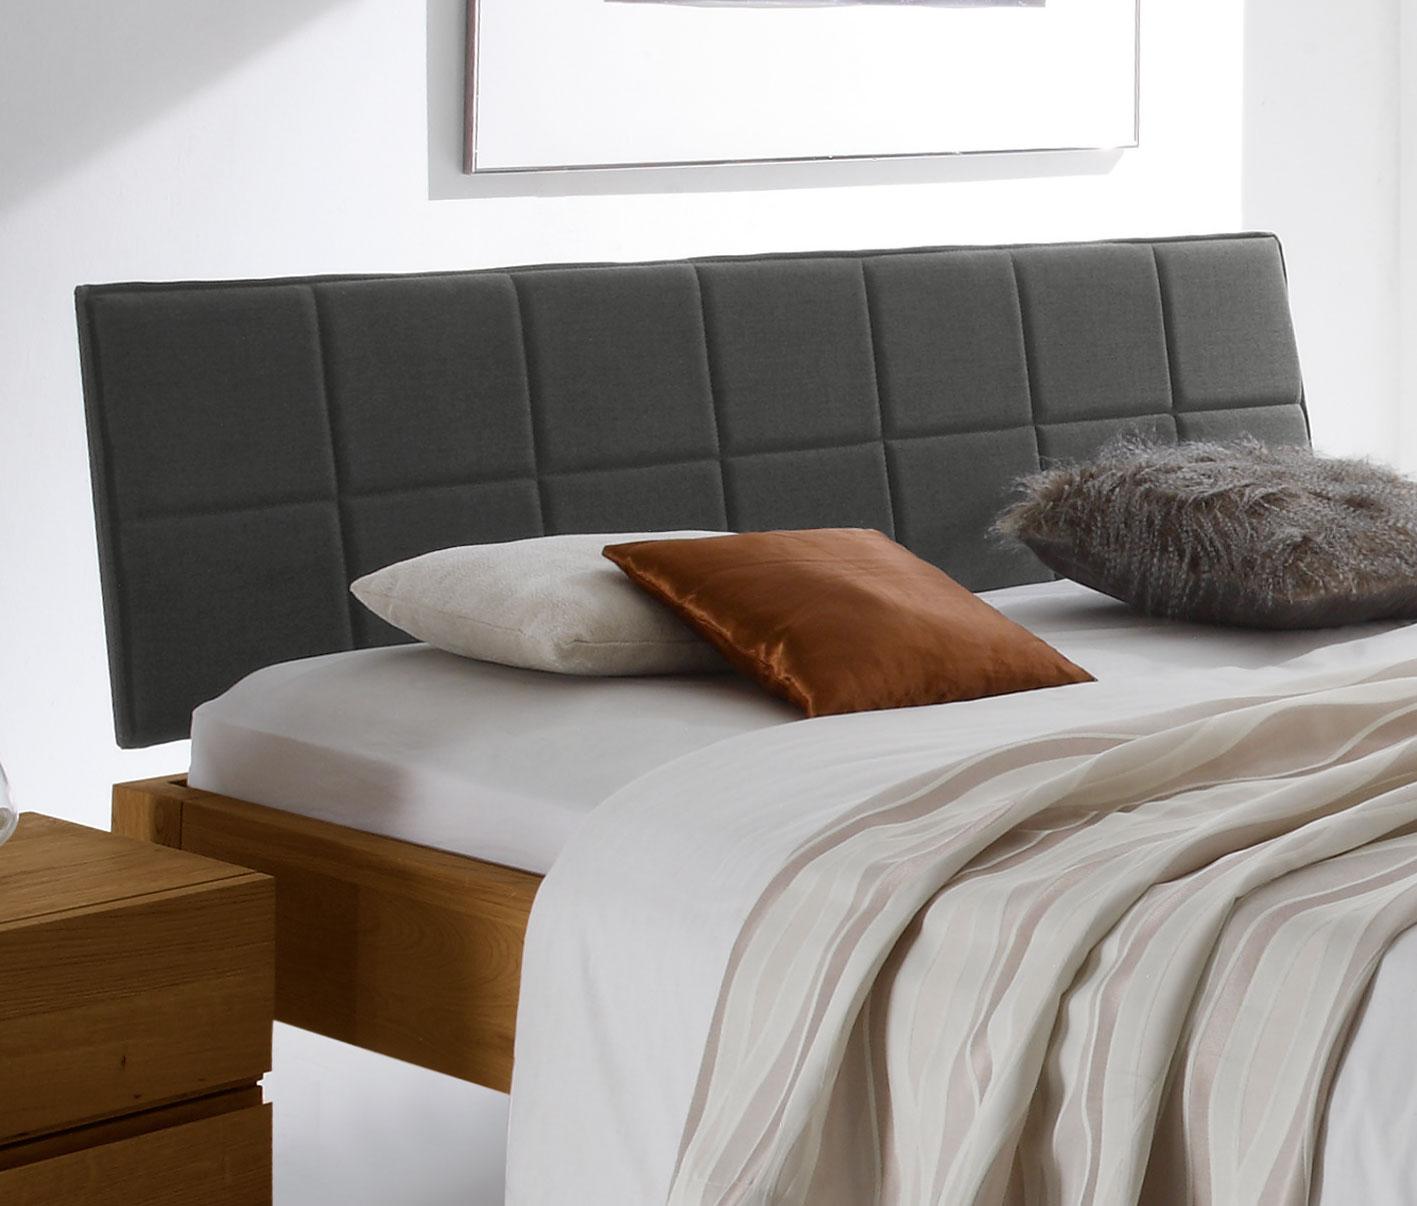 schwebebett aus massivholz eiche mit polsterkopfteil belbari. Black Bedroom Furniture Sets. Home Design Ideas